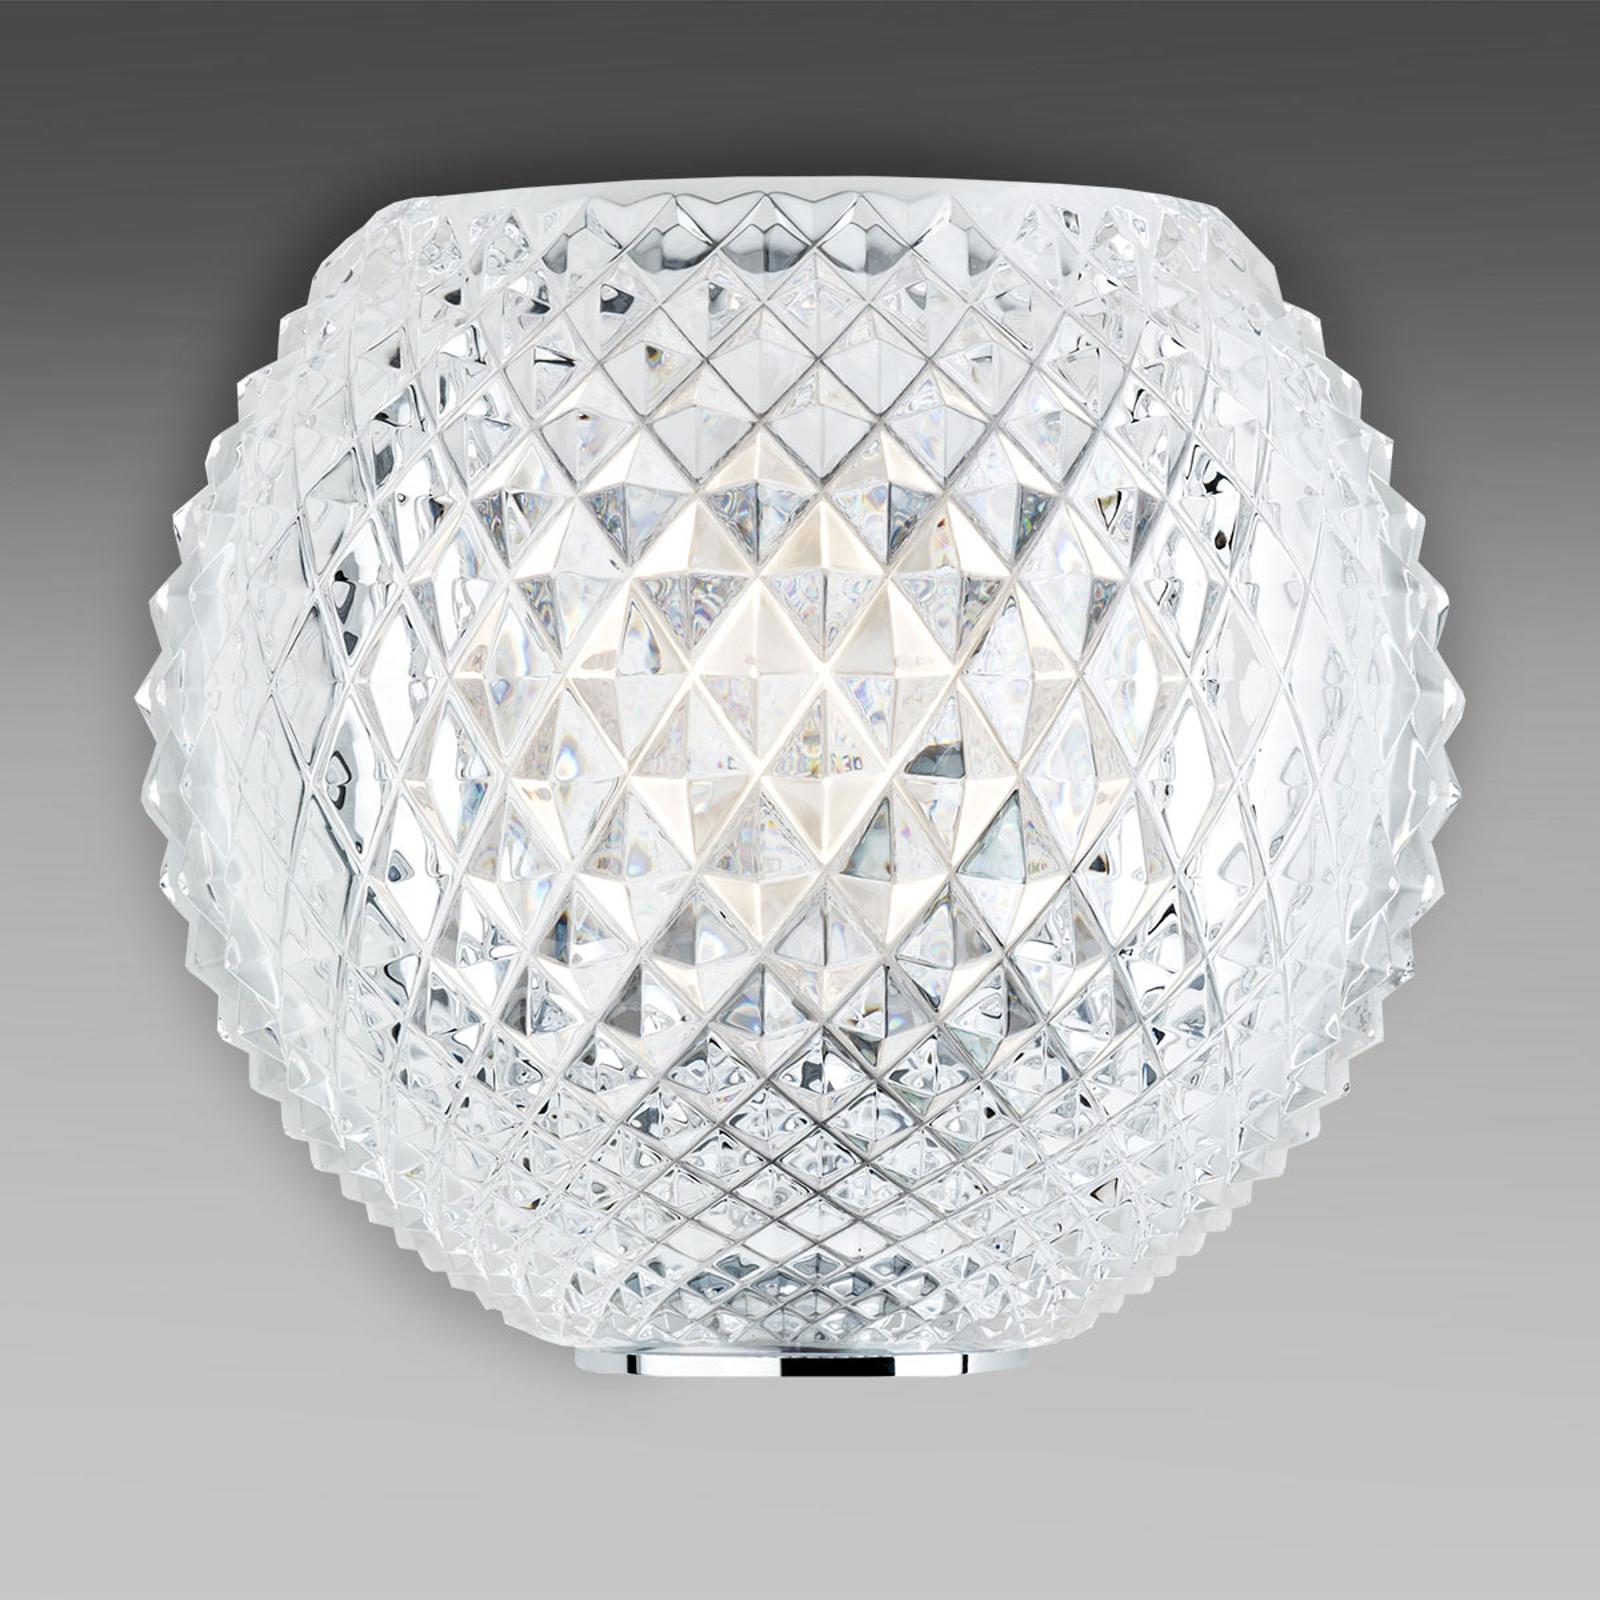 Applique en cristal structuré Diamond and Swirl